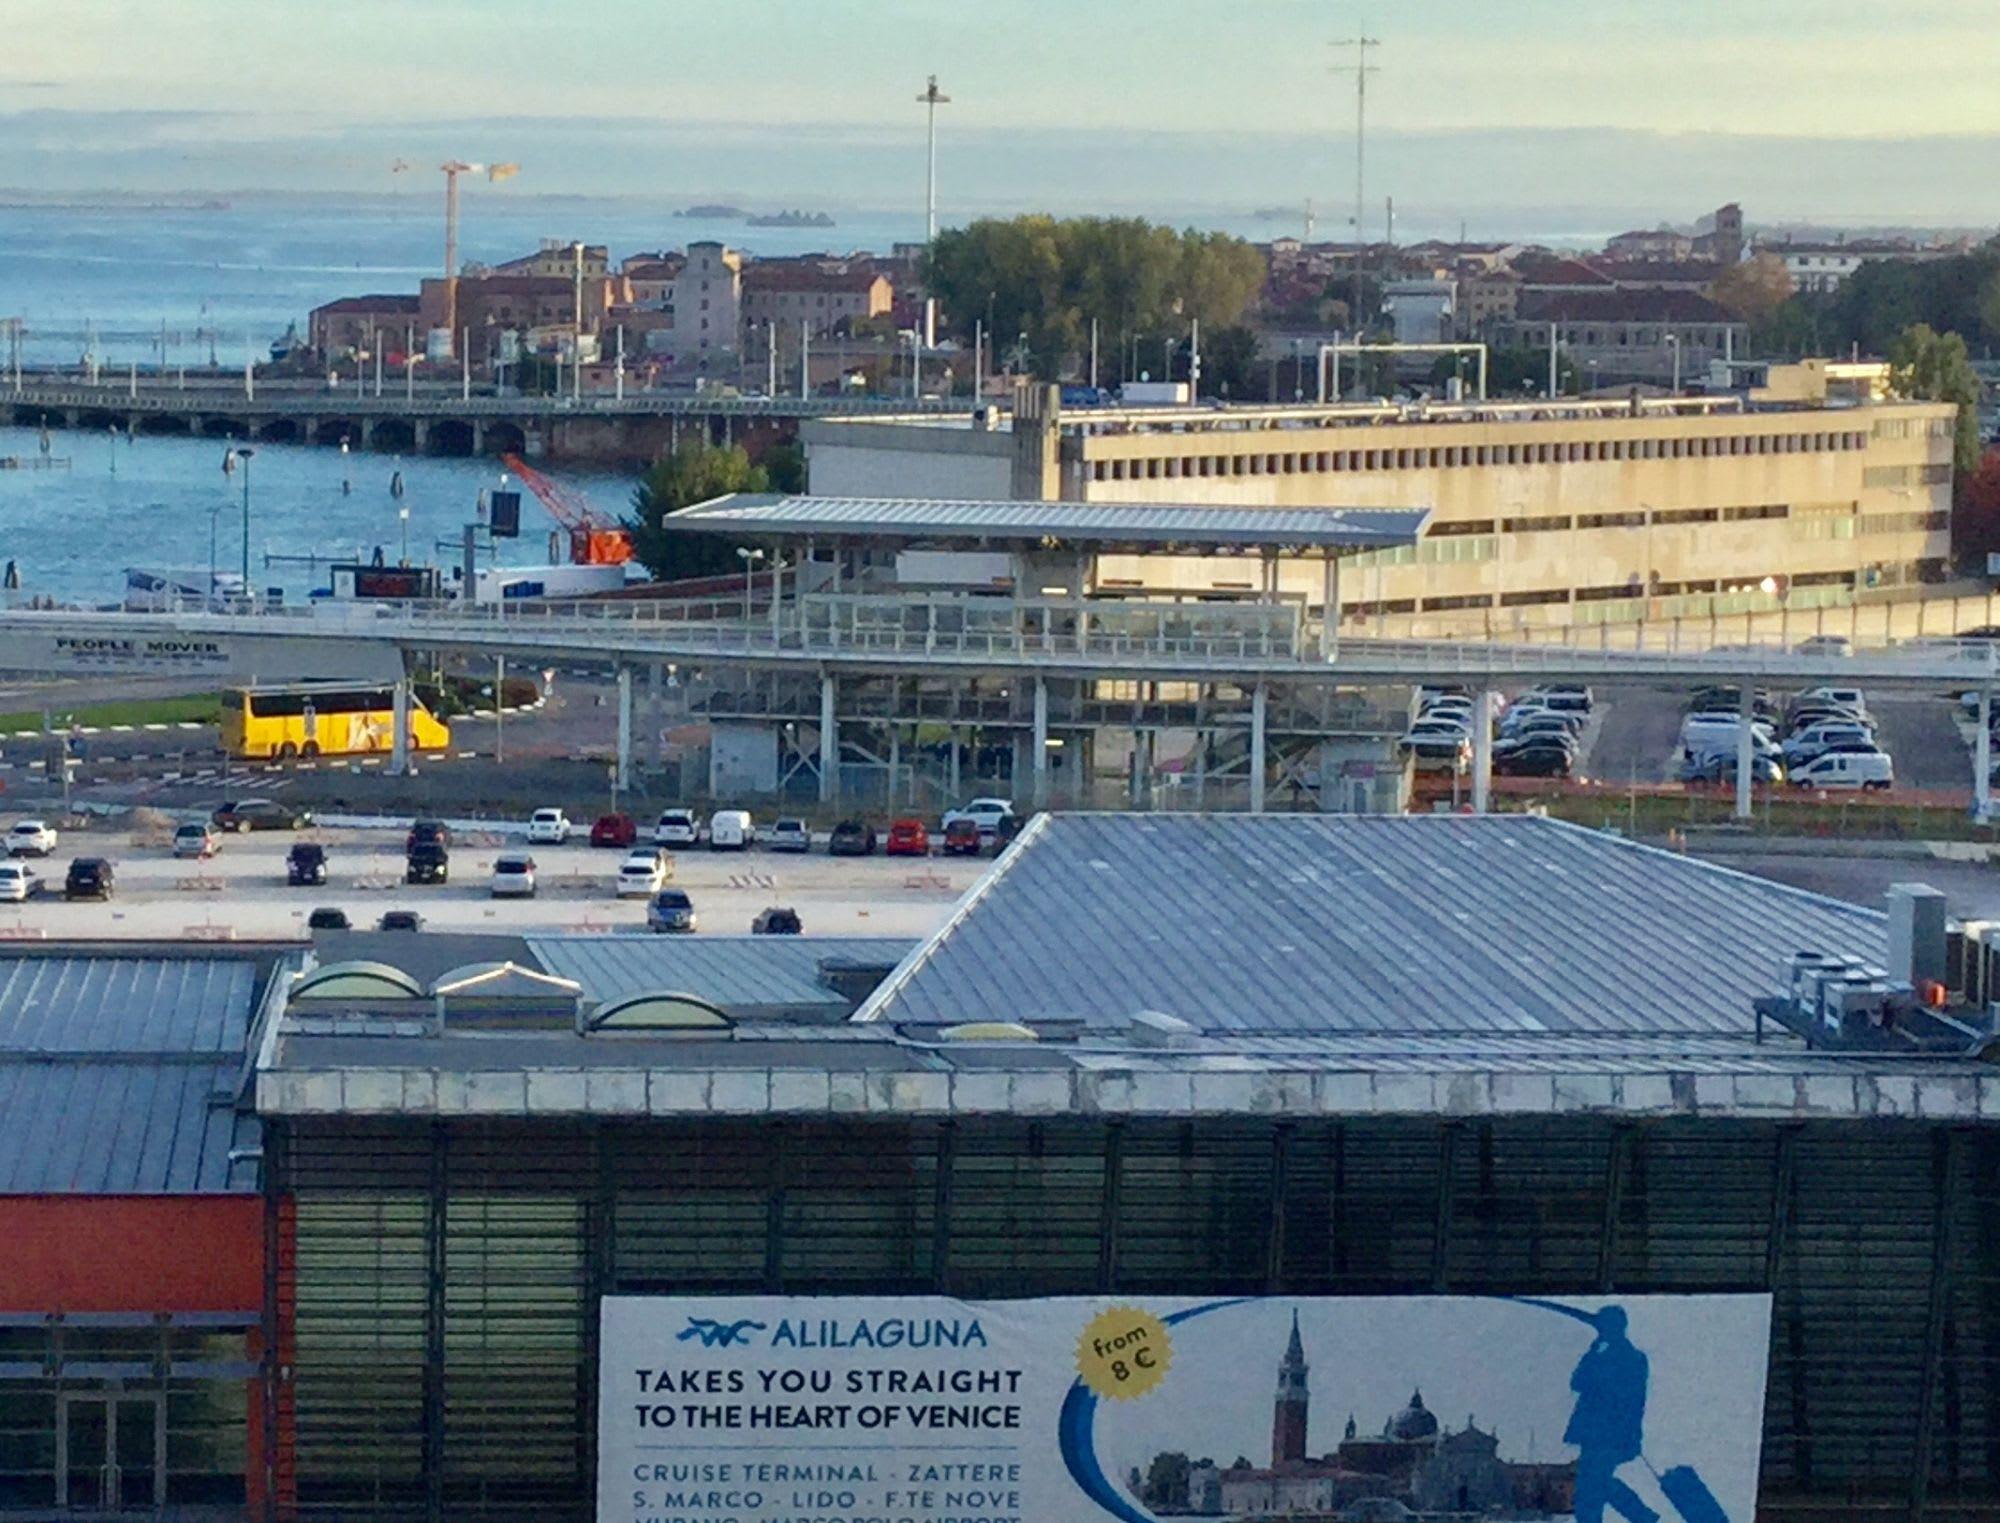 マリッティマ駅です、ここから船が見えます。近くに見えたら降りる、遠かったら次のまで乗って下さい